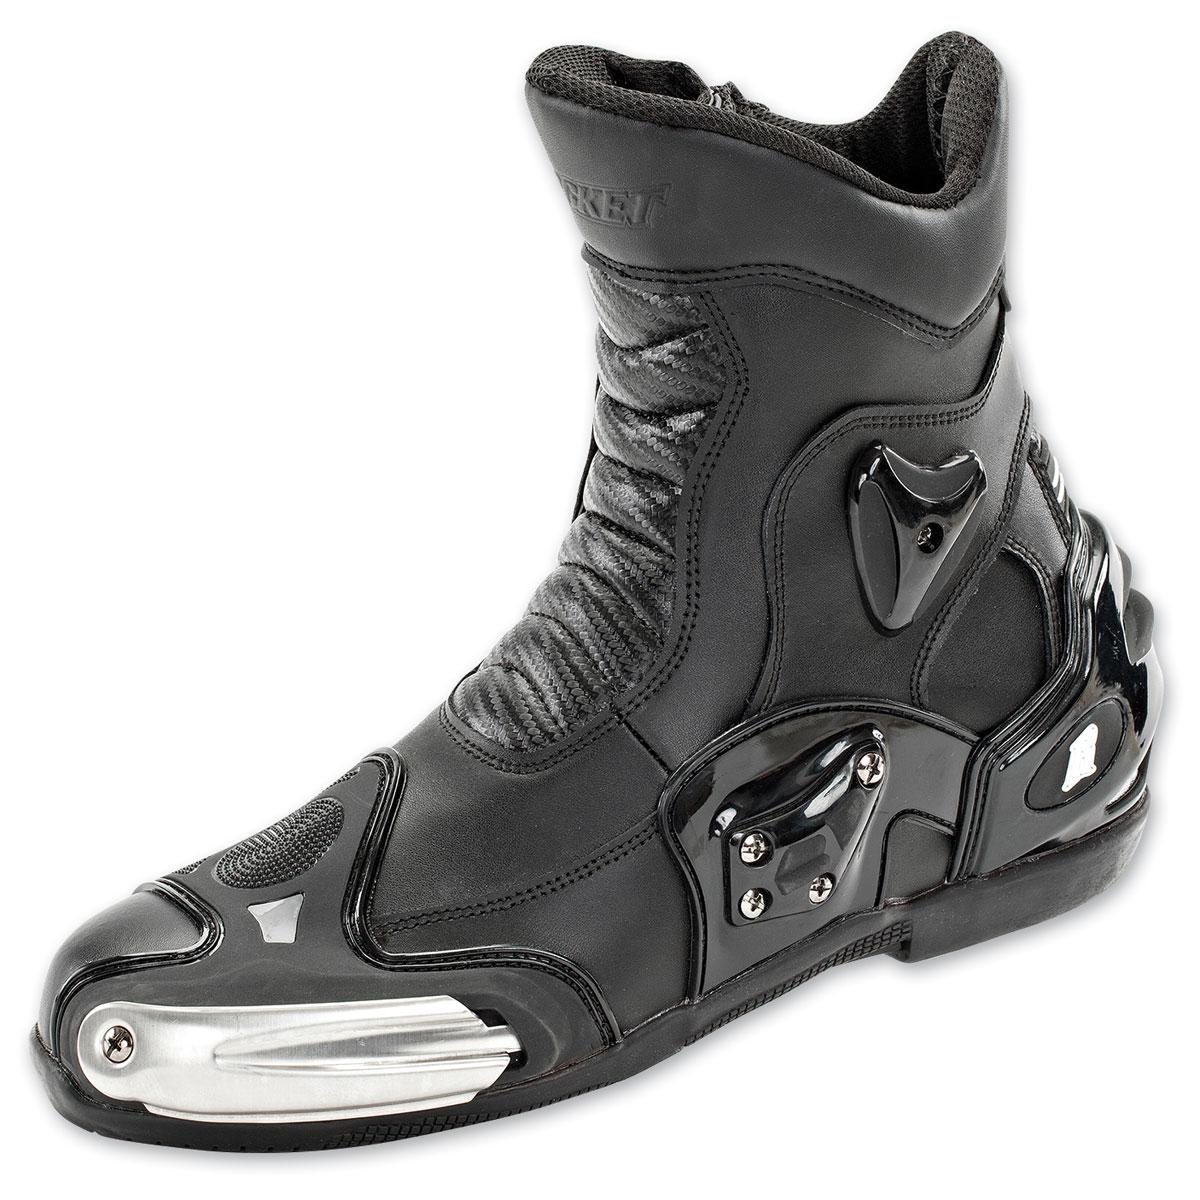 Joe Rocket Men's Super Street Black Boots